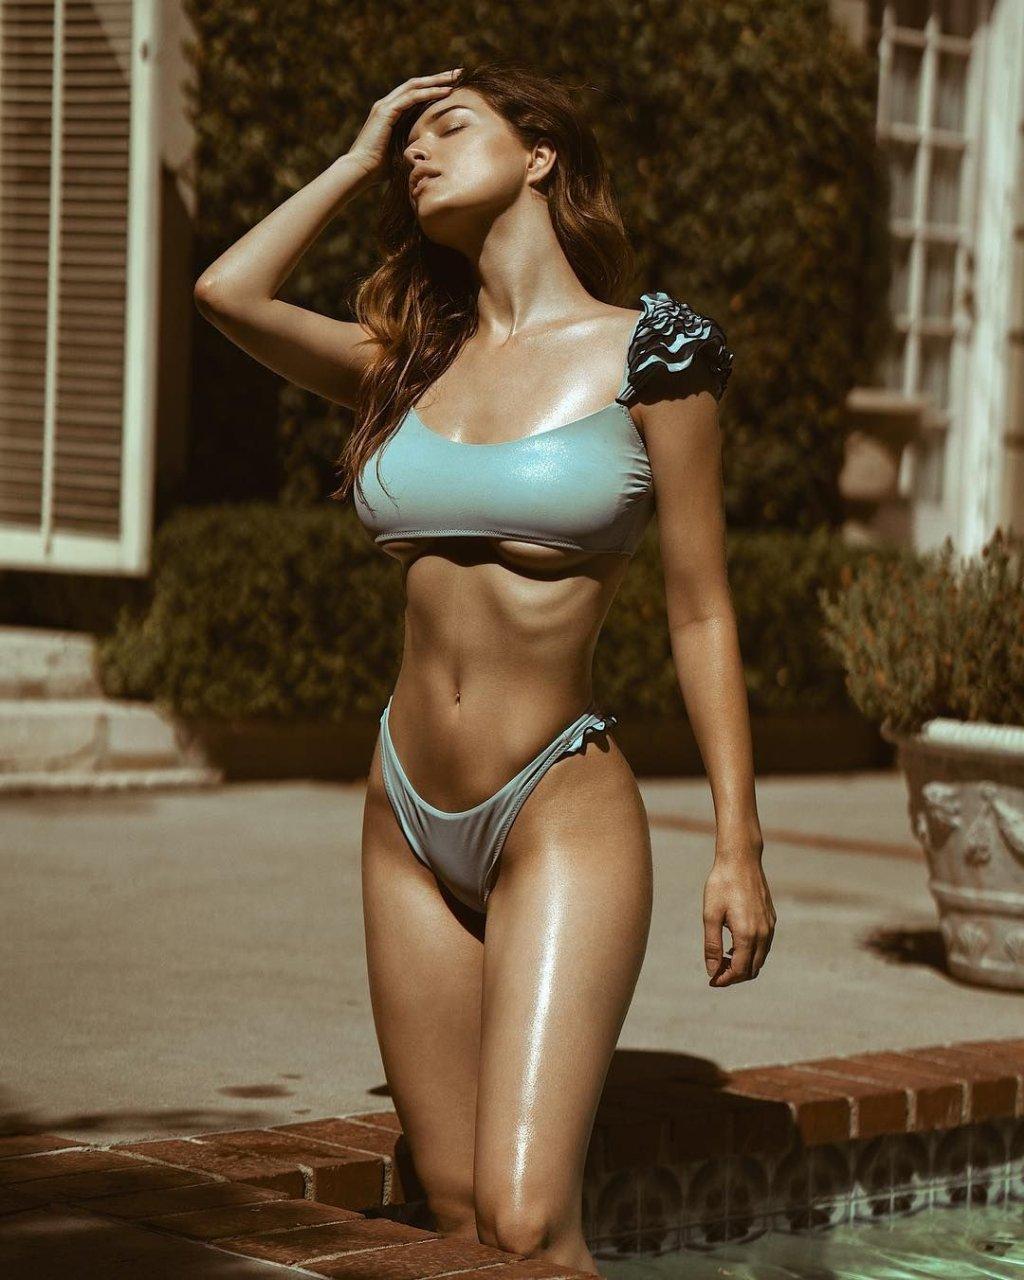 lauren summer nude pics